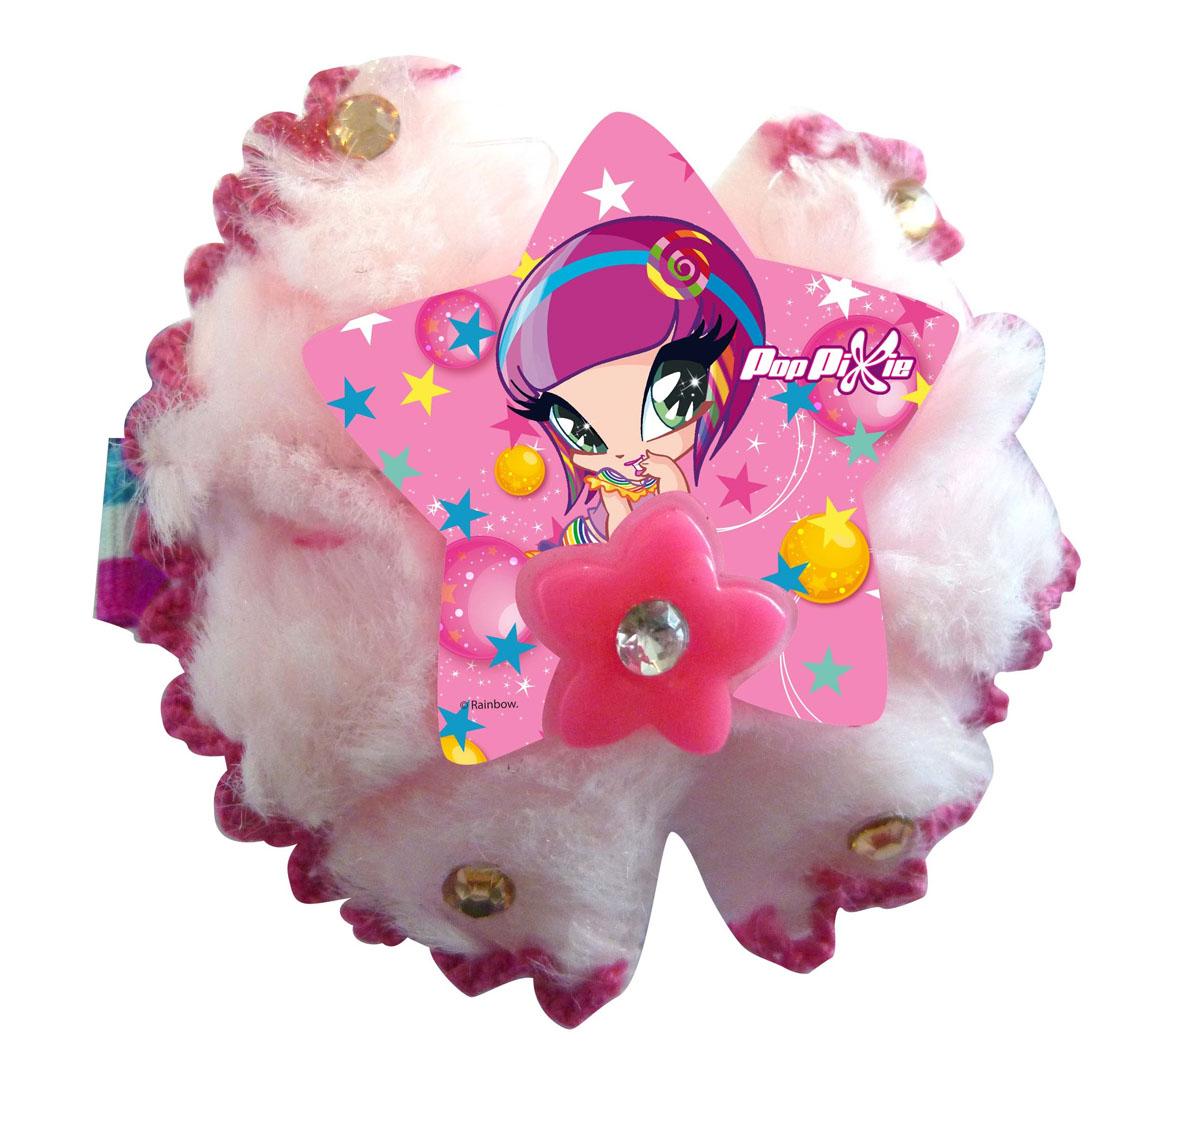 Заколка для волос для девочек PopPixie, цвет: розовый, 2 шт. 41314Серьги с подвескамиОригинальный аксессуар станет изюминкой образа юной леди. Изделие изготовлено из гипоаллергенных материалов, не имеет заостренных деталей и абсолютно безопасно для ребенка. Рекомендуемый возраст: от 3х лет.